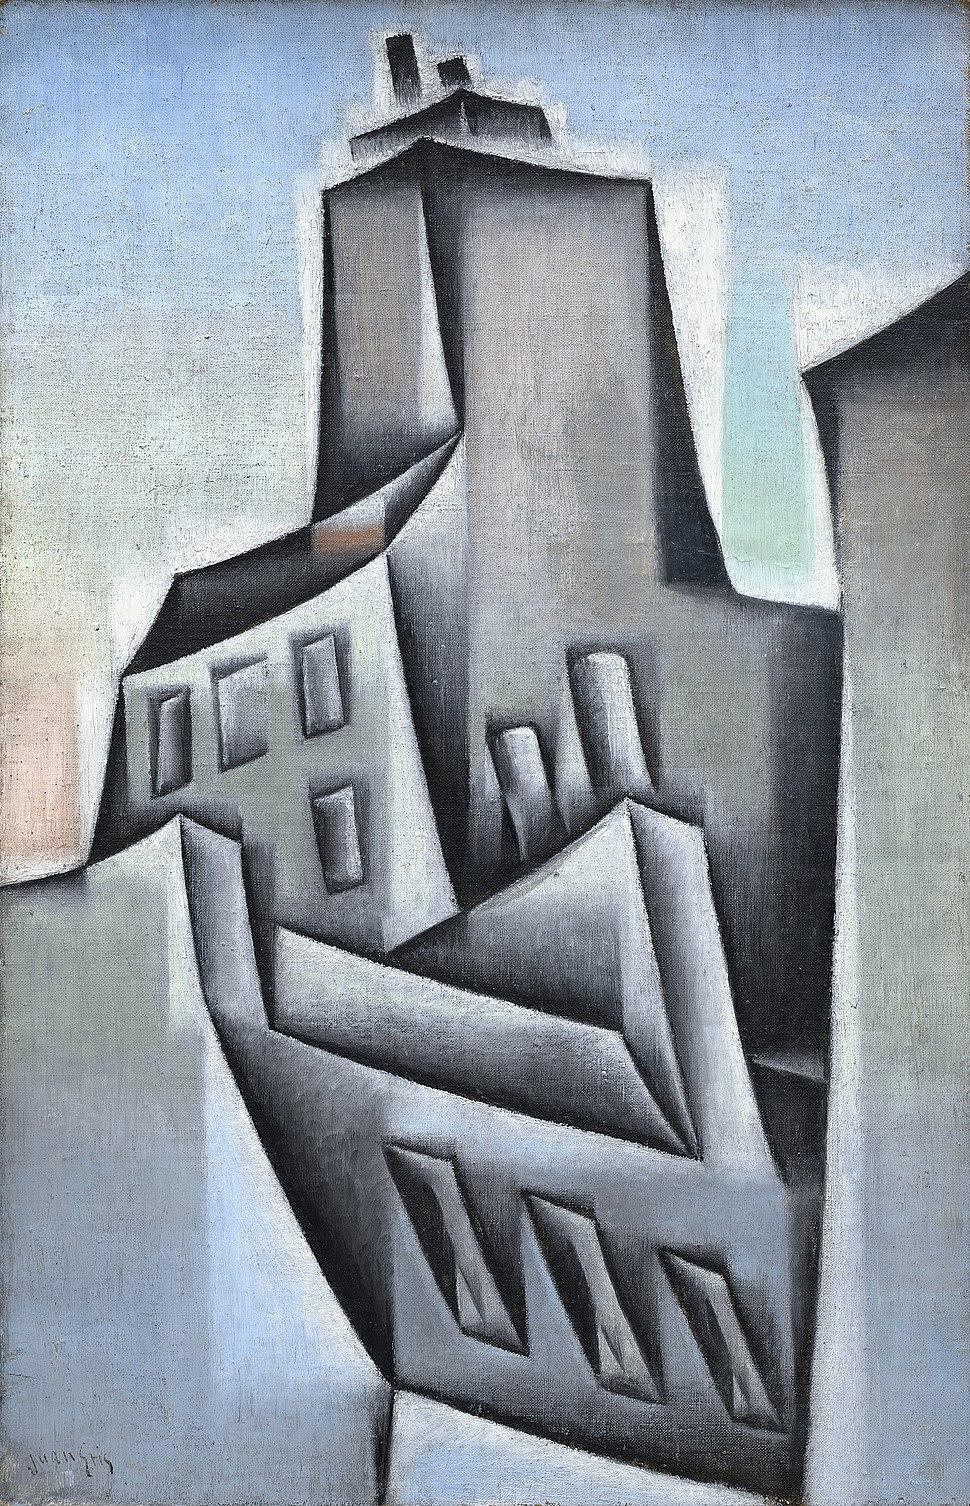 Juan Gris, 1911, Maisons à Paris (Houses in Paris), oil on canvas, 52.4 x 34.2 cm, Guggenheim Museum